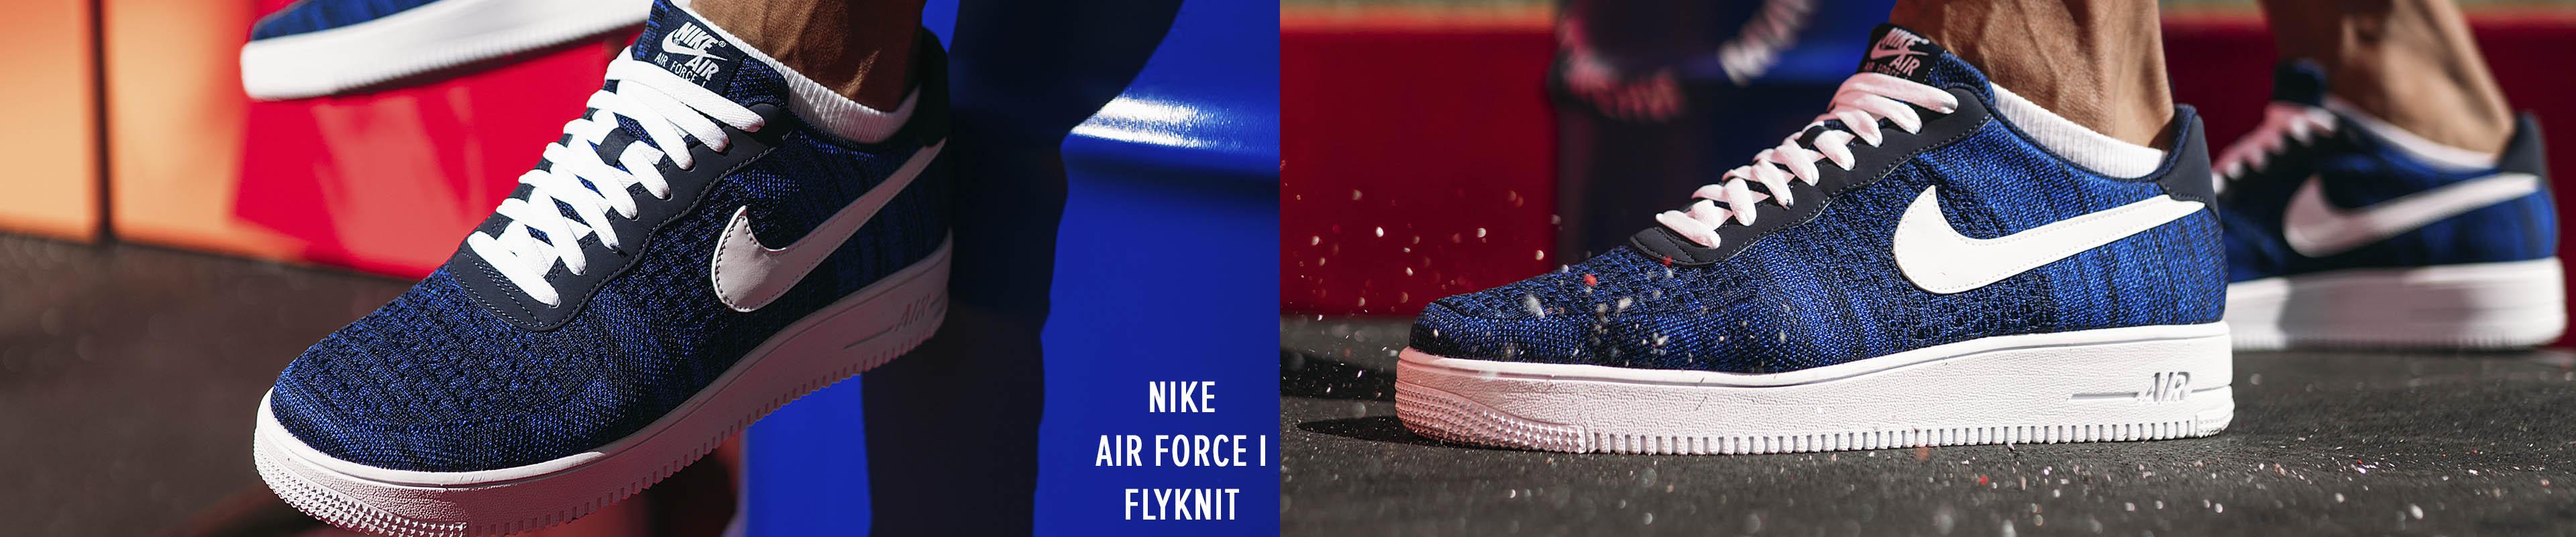 689fd0ab9261ae Кроссовки Nike Air Force - Купить Air Force - цены, фото, с чем носить